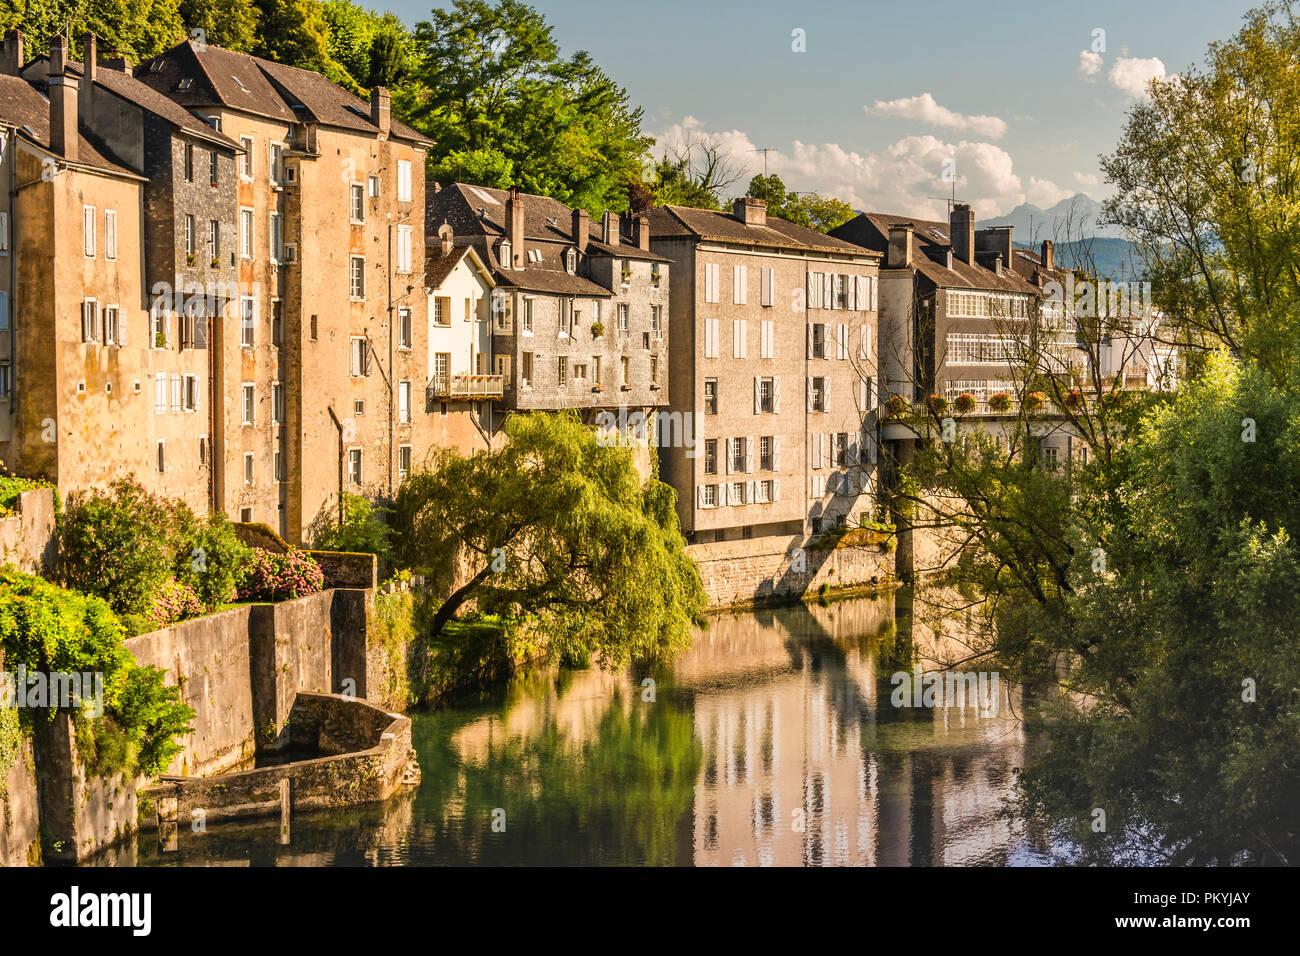 Tipico paesaggio francese all' interno del paese sul fiume Oloron. Saint Marie Oloron francia Immagini Stock